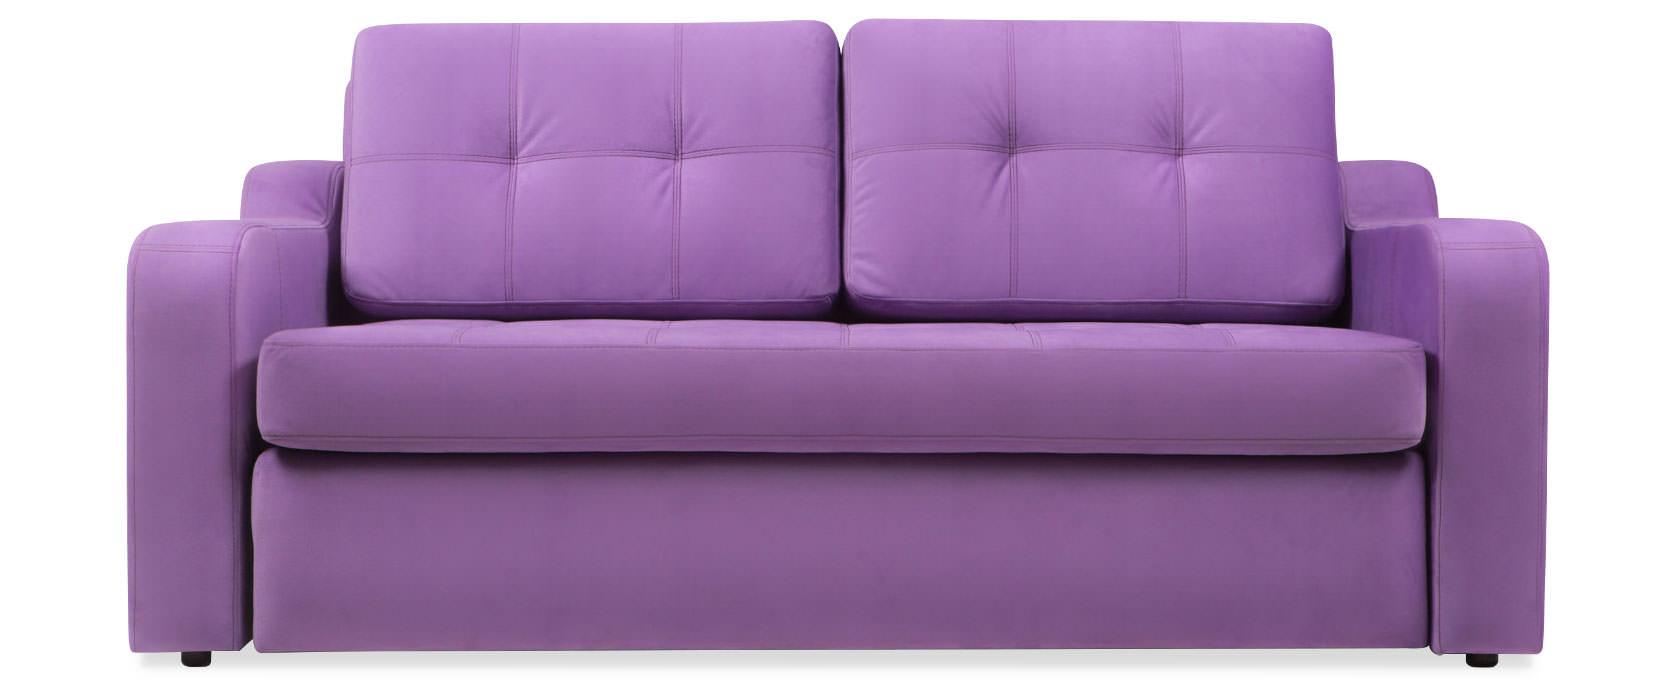 Химчистка дивана от мочи